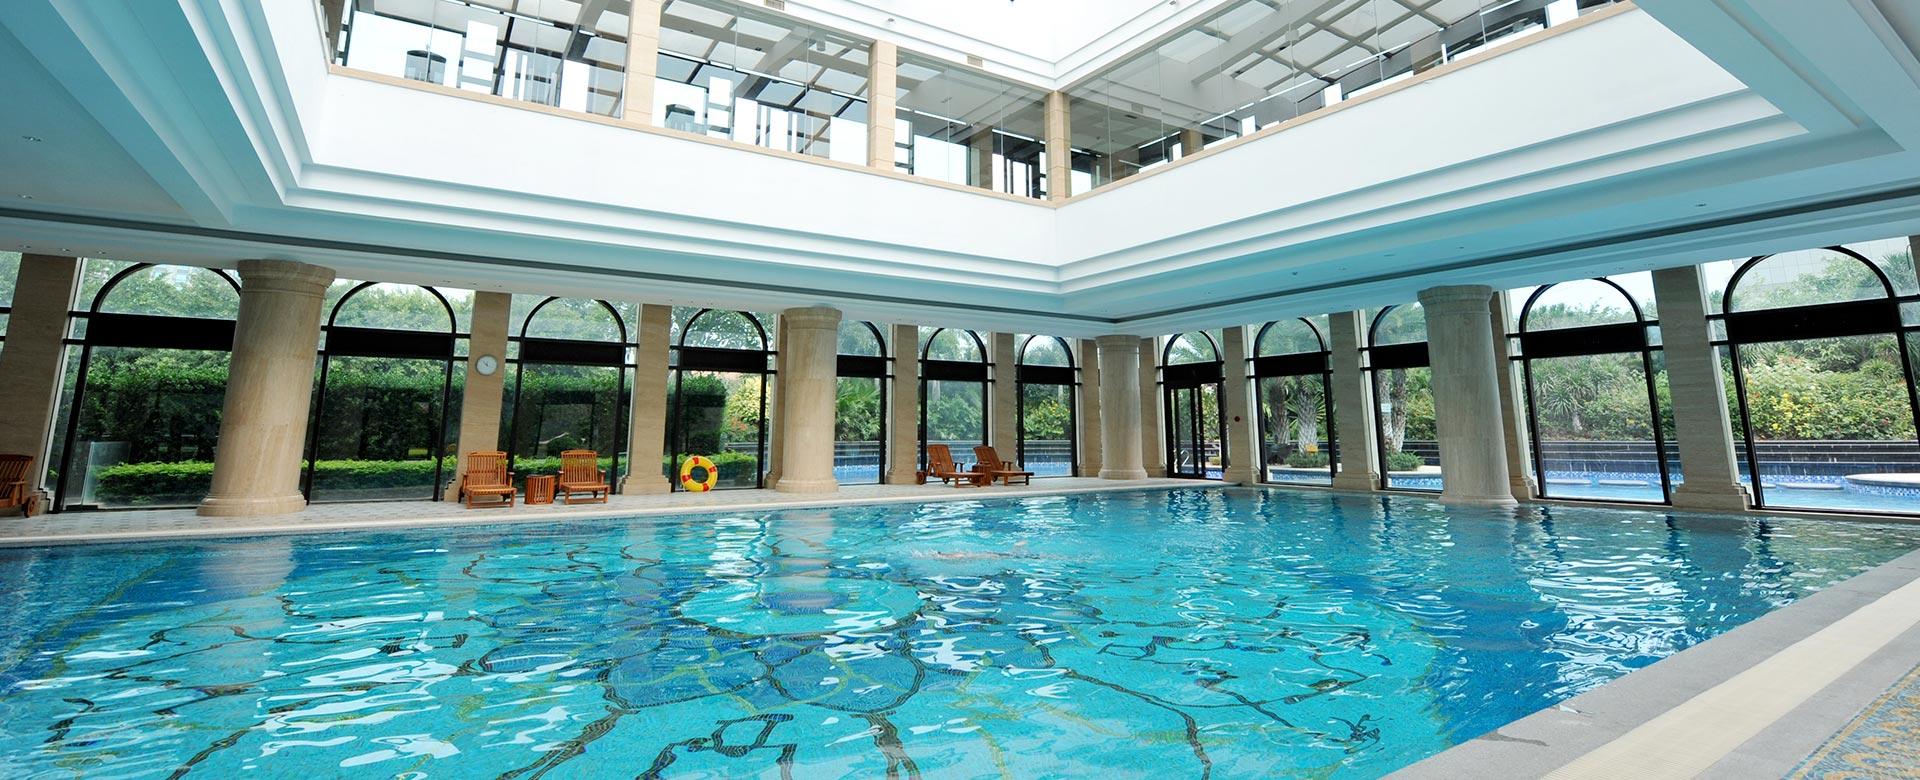 Tahiti piscines construction de piscines sur mesure en for Construction piscine publique